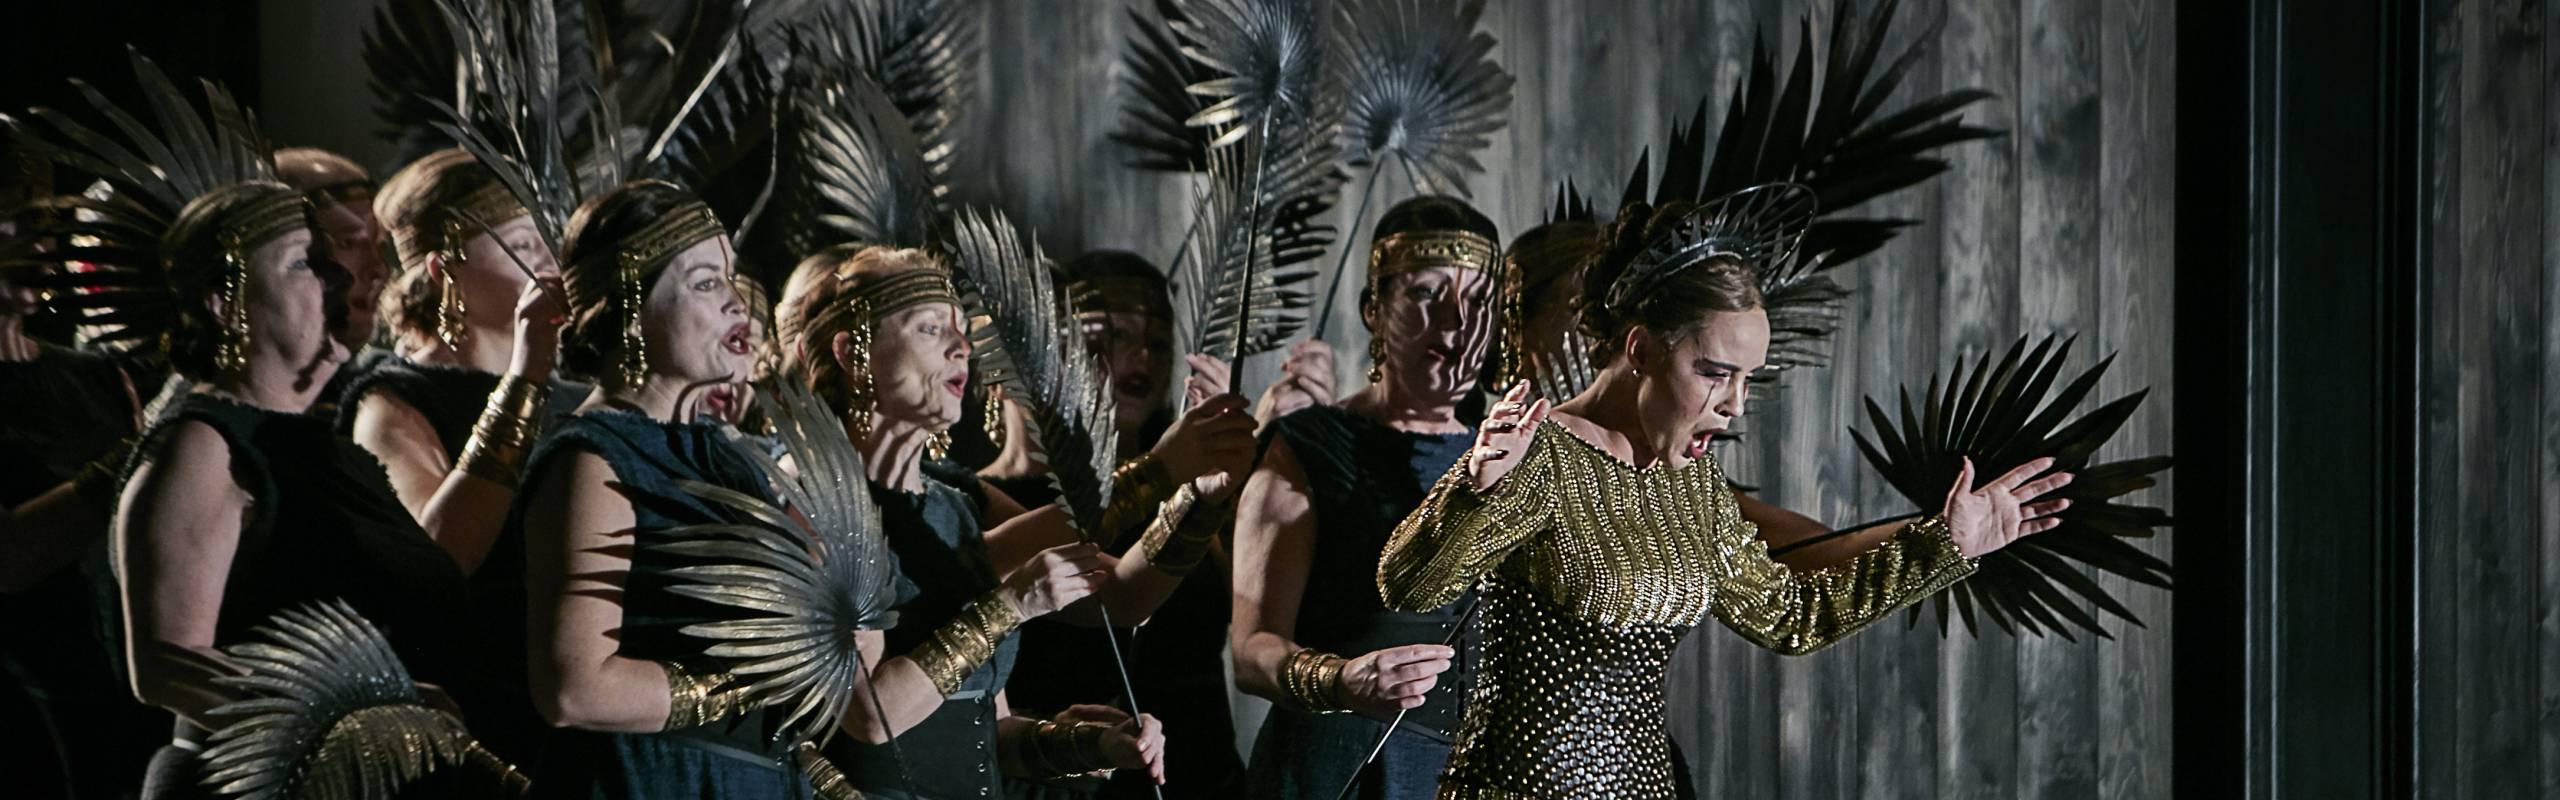 Den Jyske Opera